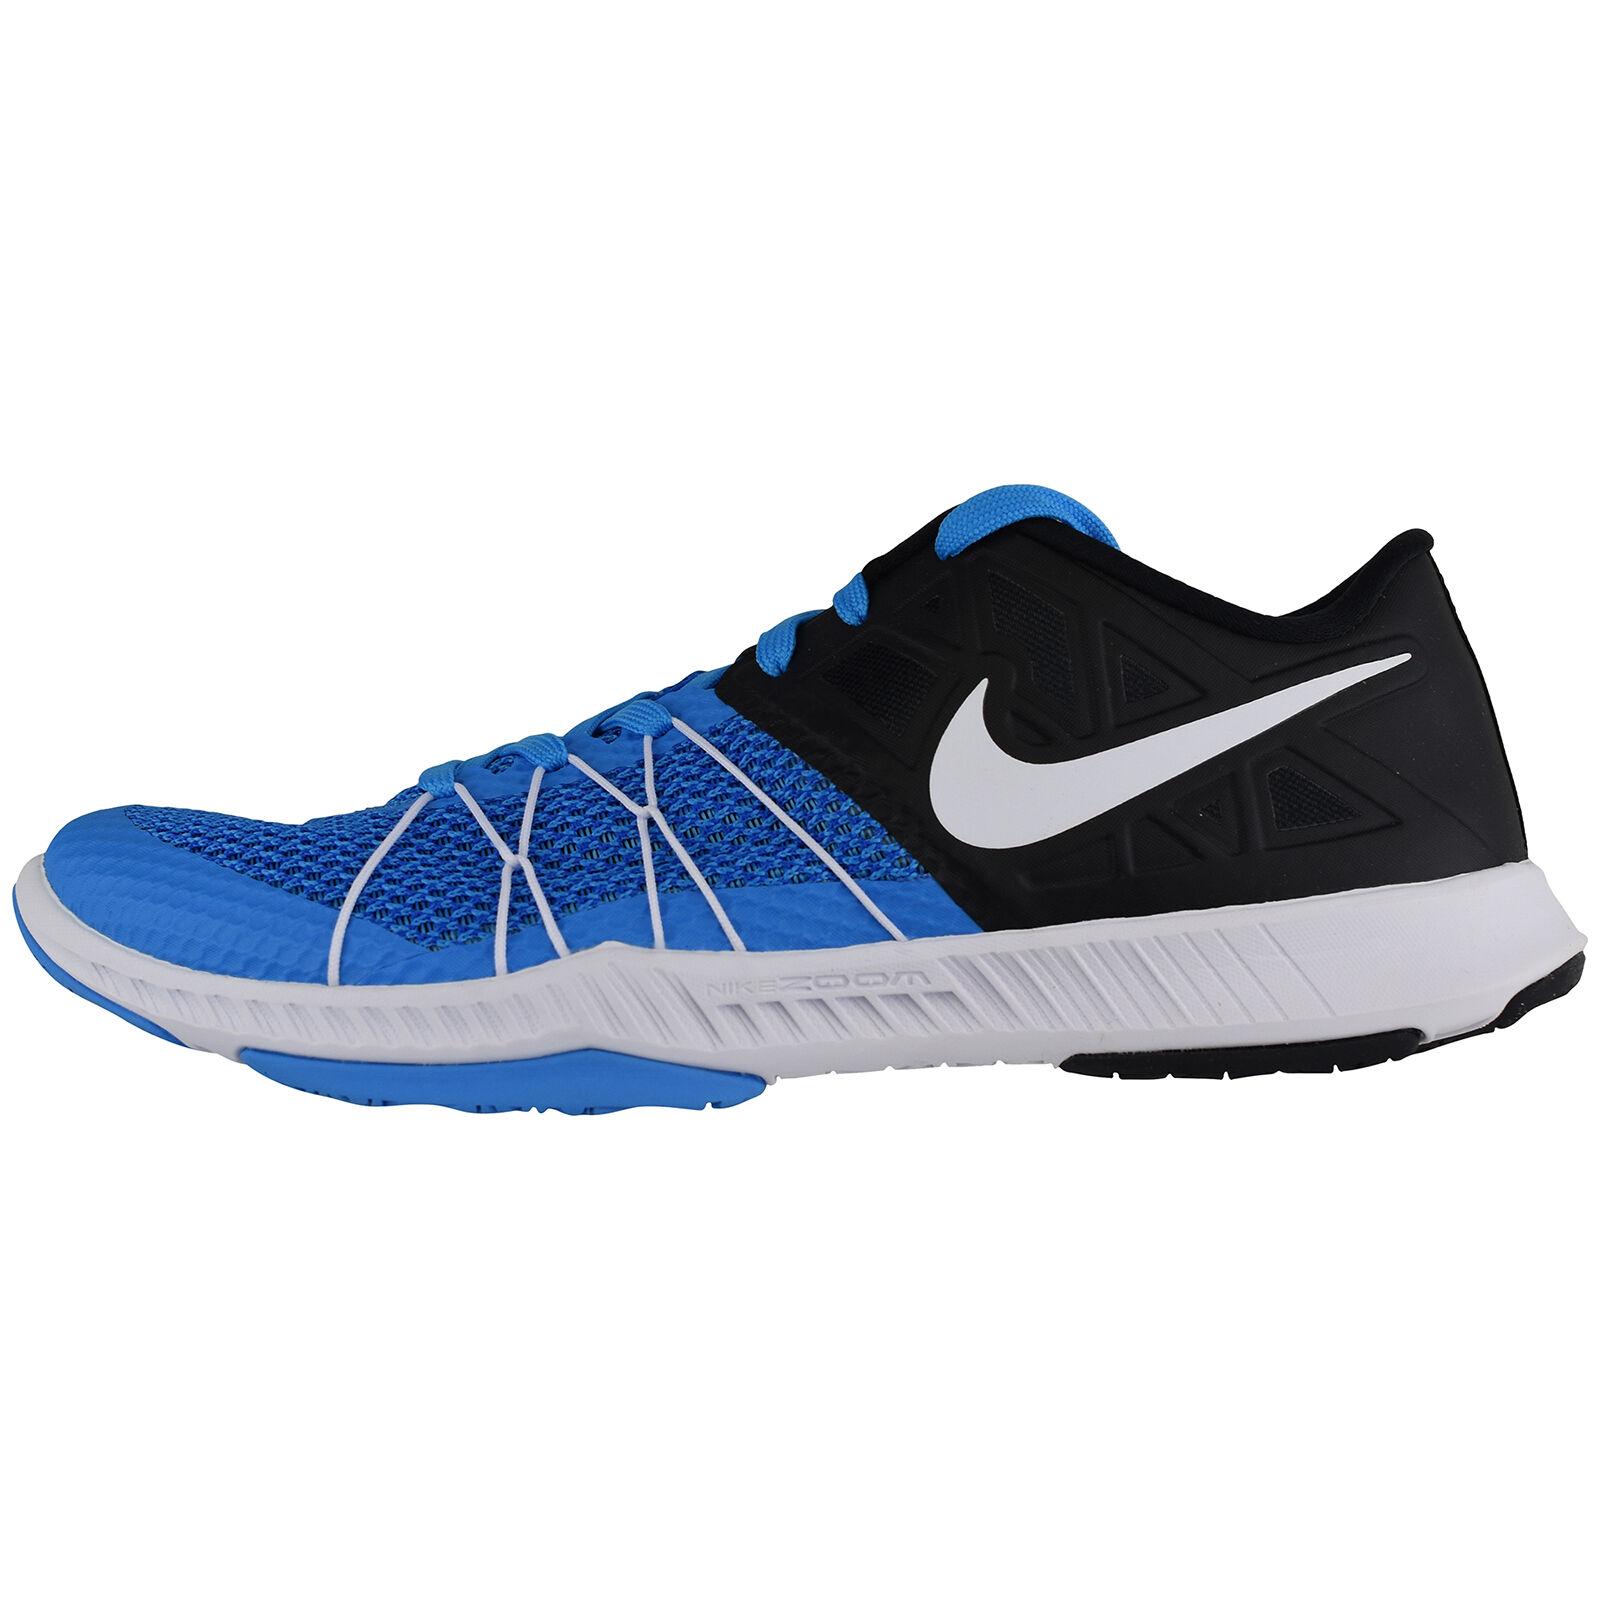 Nike Zoom Joggen Train Incredibly Fast 844803-401 Joggen Zoom Freizeit Laufschuhe Sneaker 70cd5c